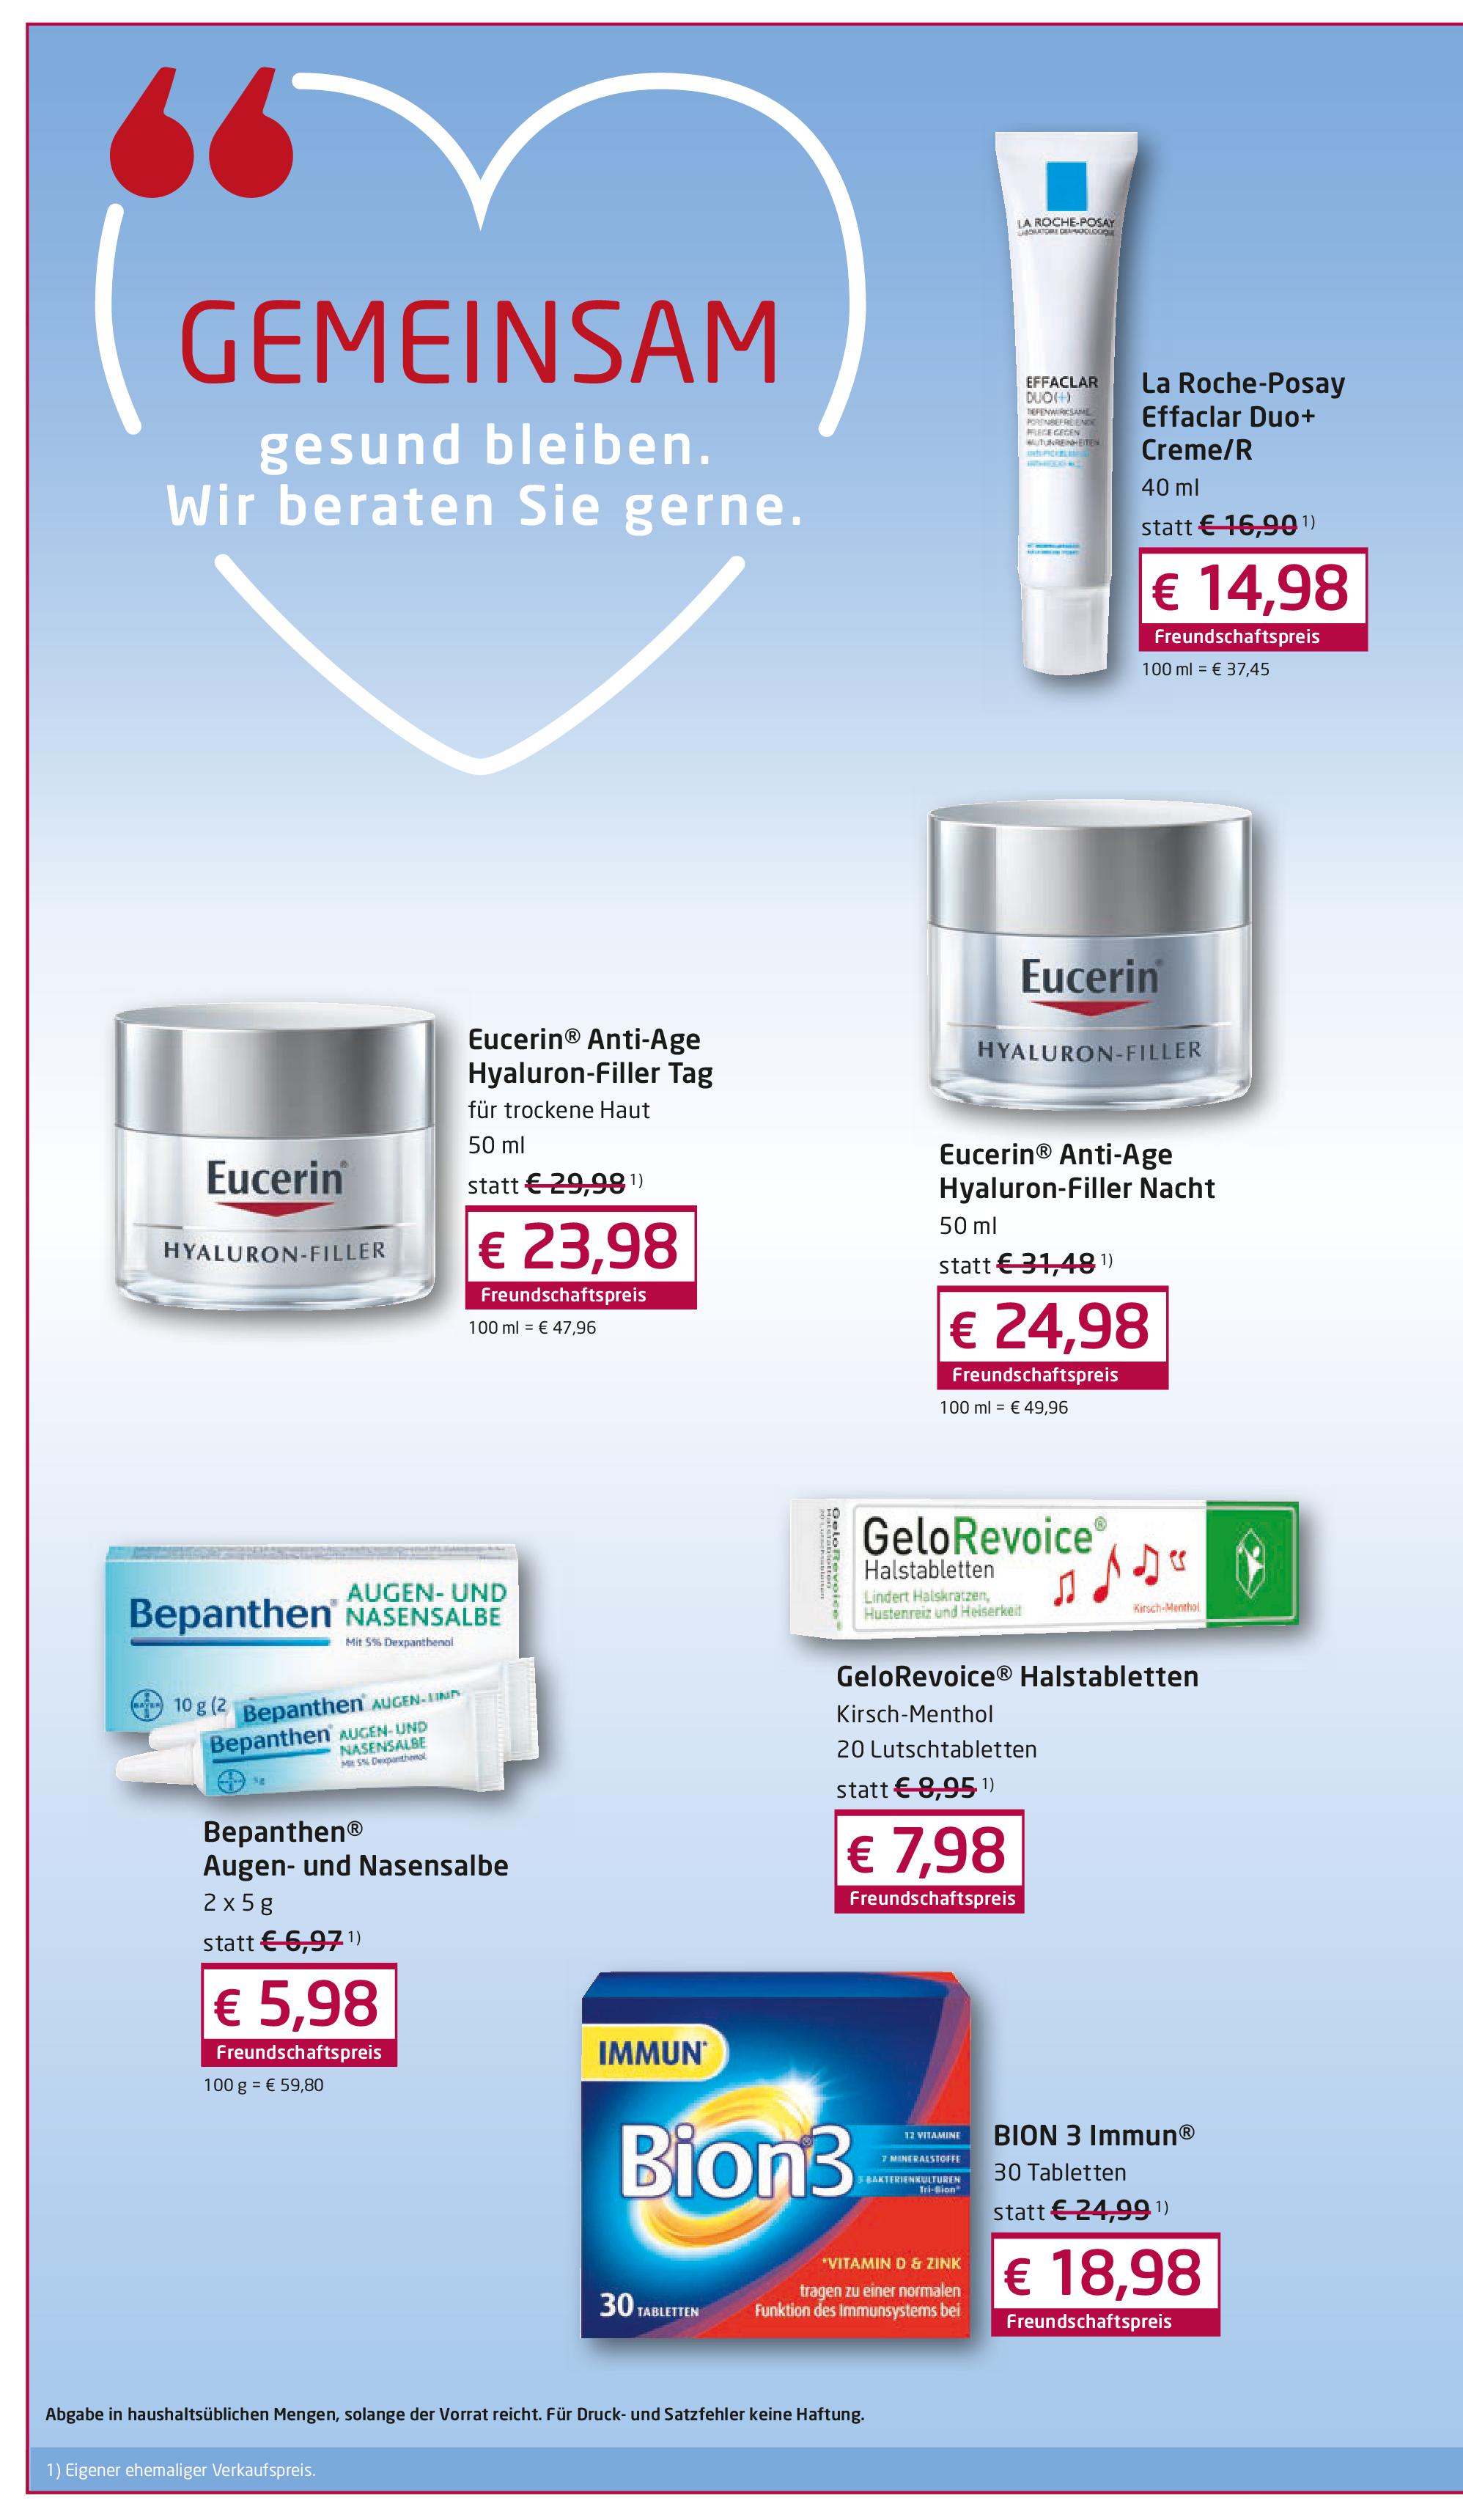 https://mein-uploads.apocdn.net/7439/leaflets/Neue_Nienburg-6er-Seite2.png